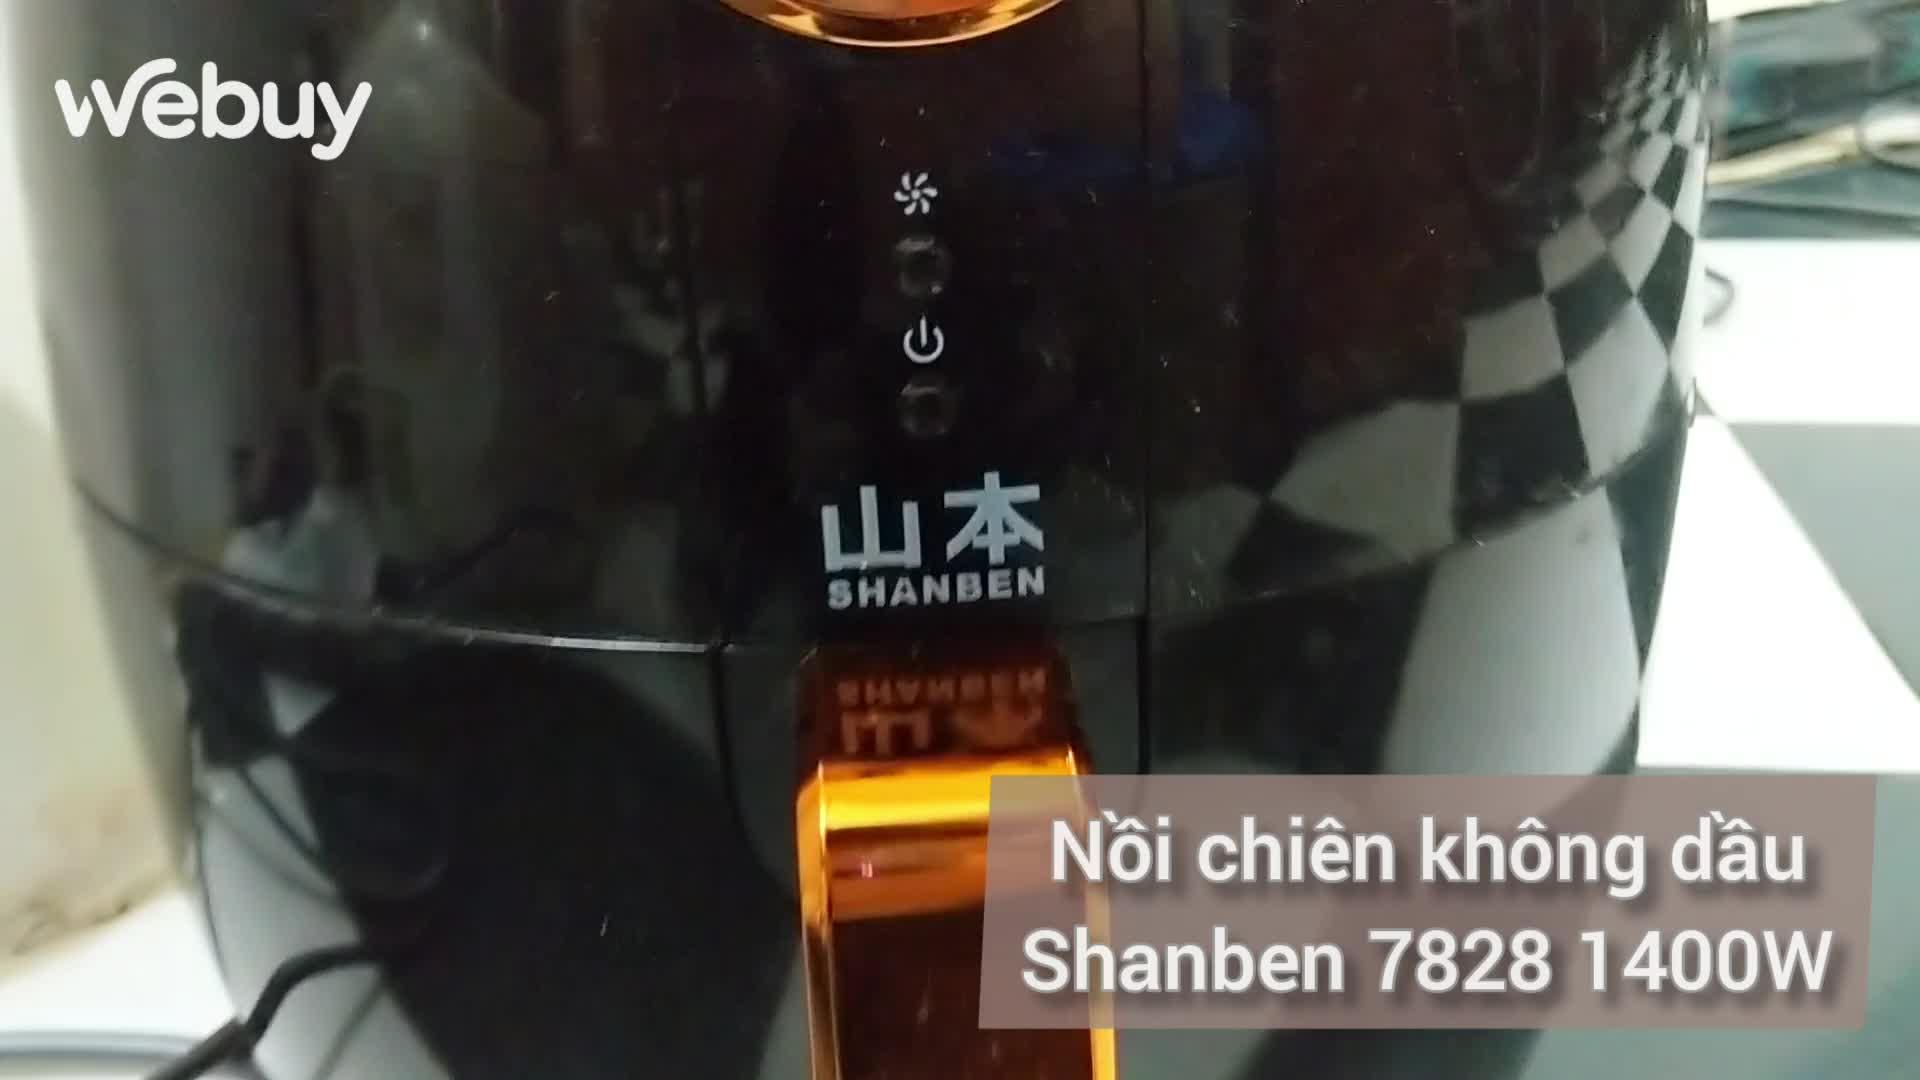 Dùng thử nồi chiên không dầu Shanben 7828 giá chỉ 950.000 đồng.